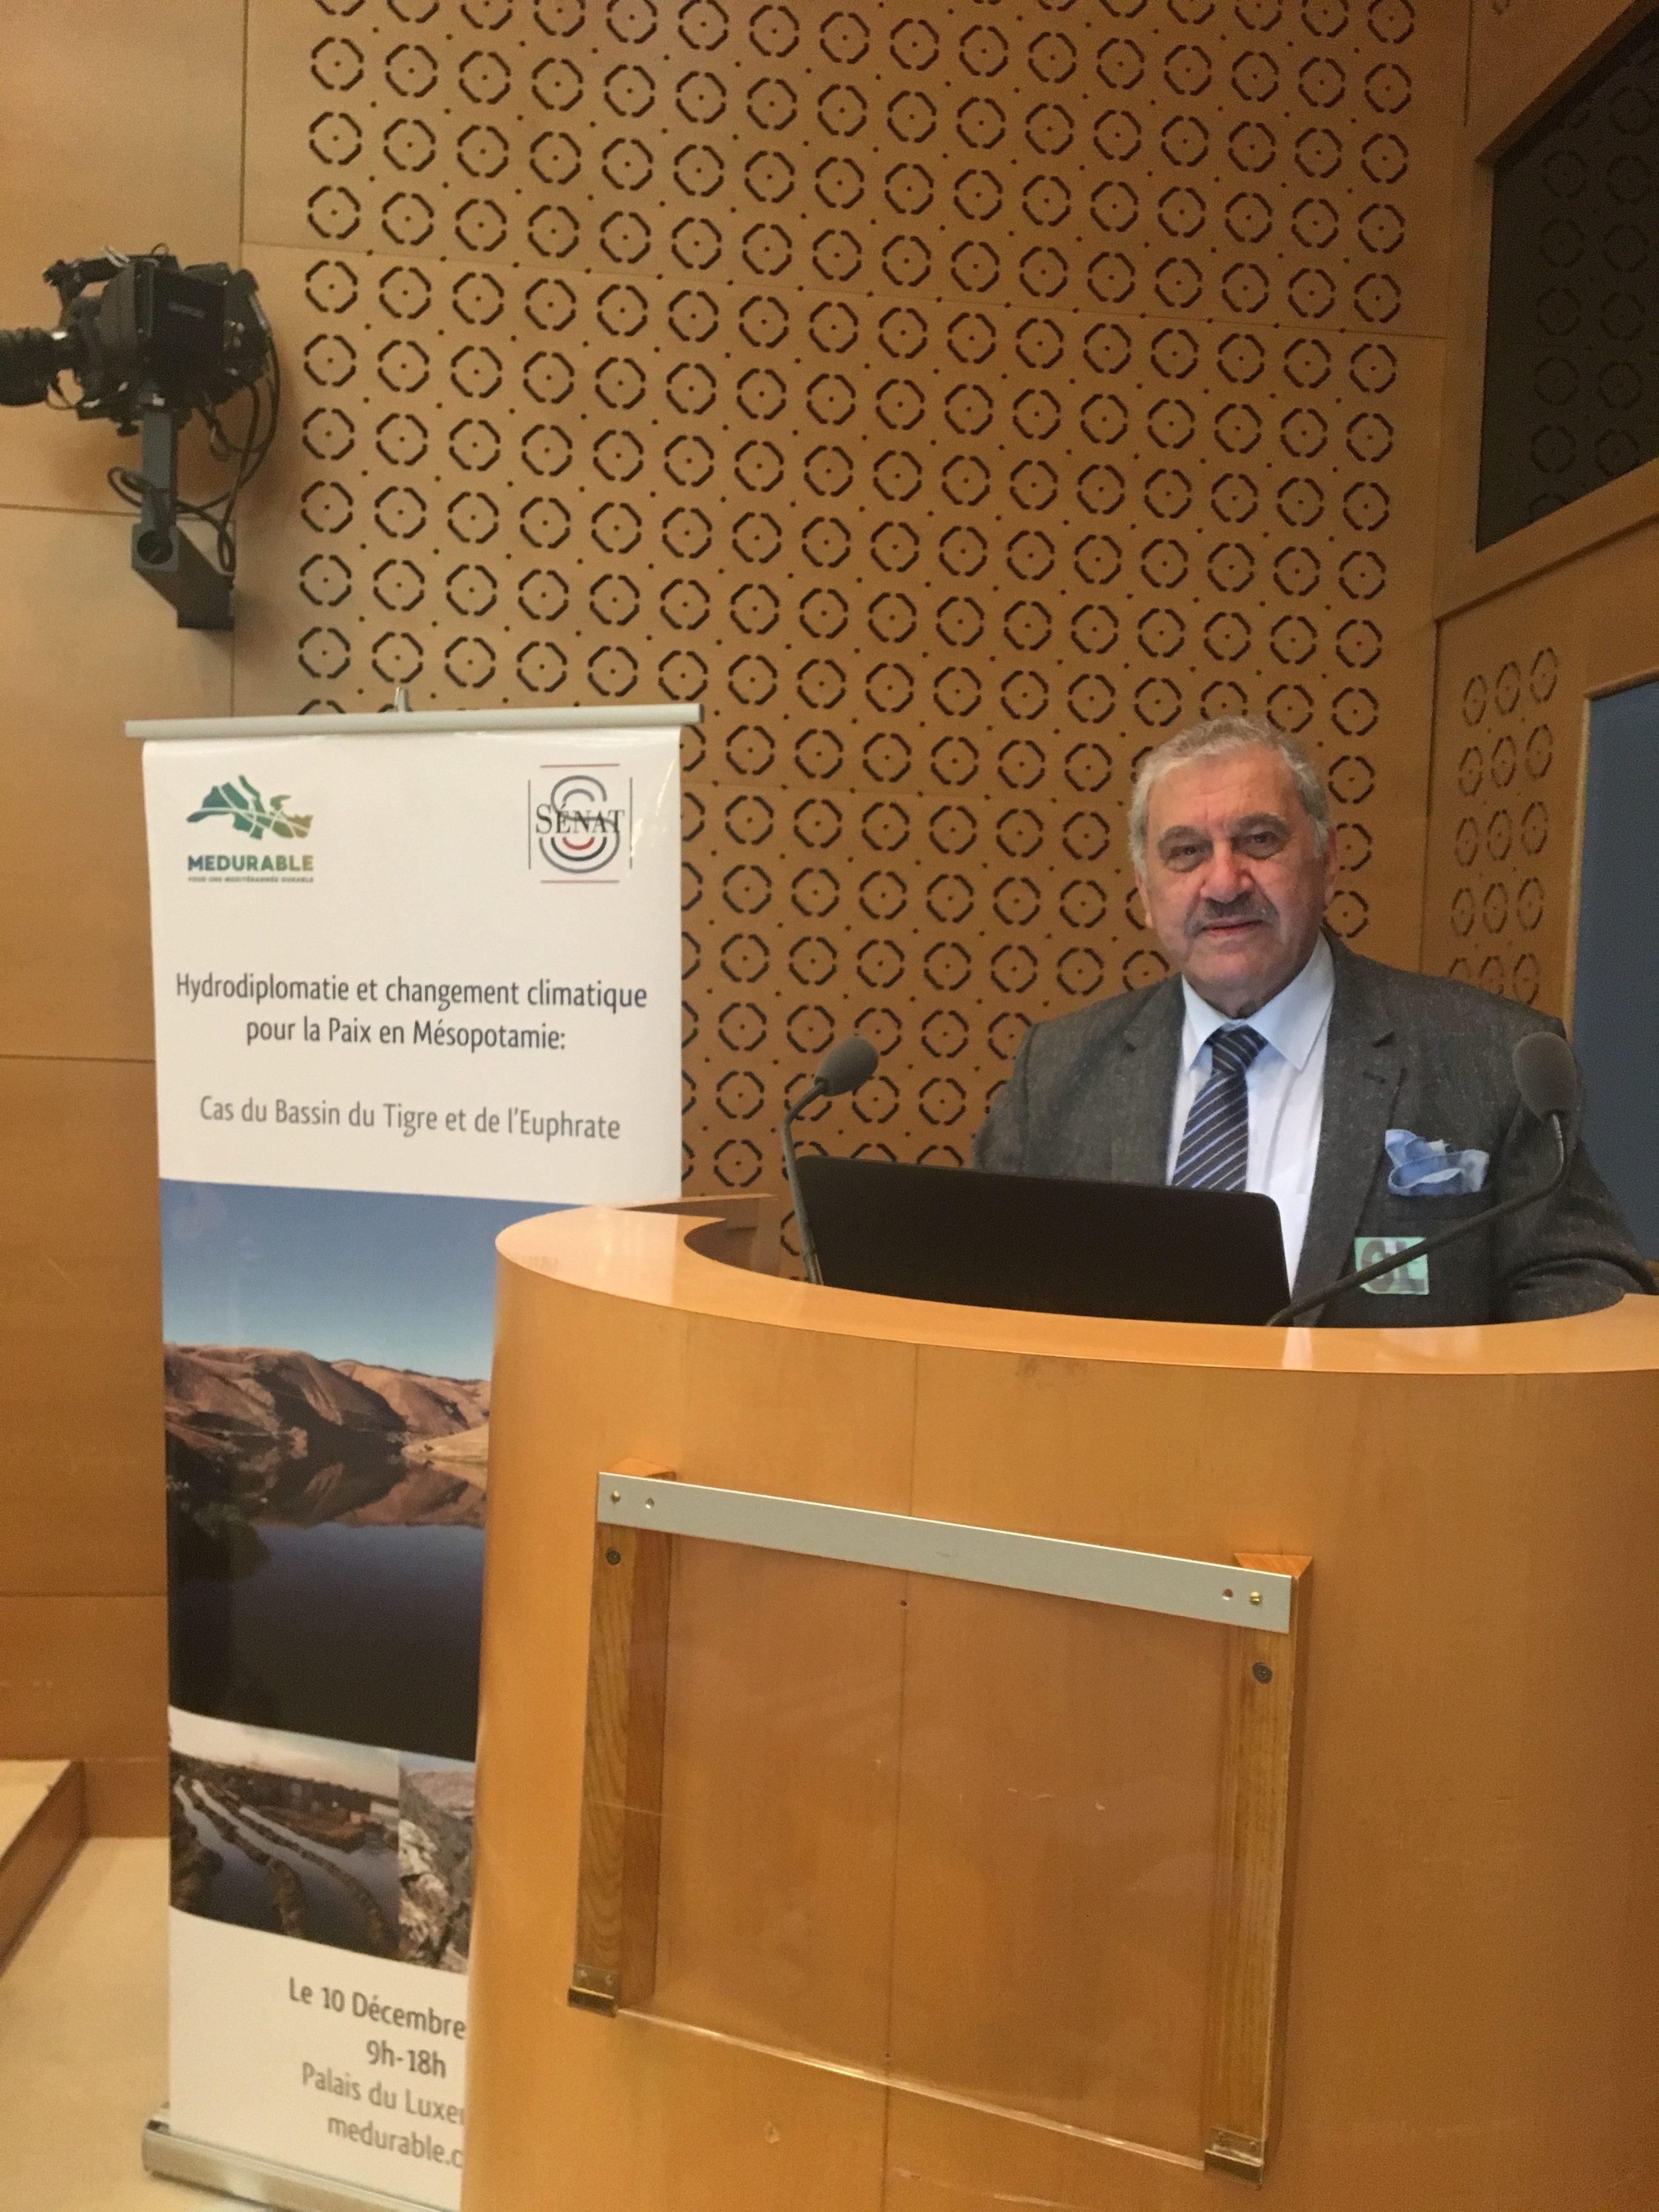 مشاركة المنتدى في مؤتمر دبلوماسية المياه